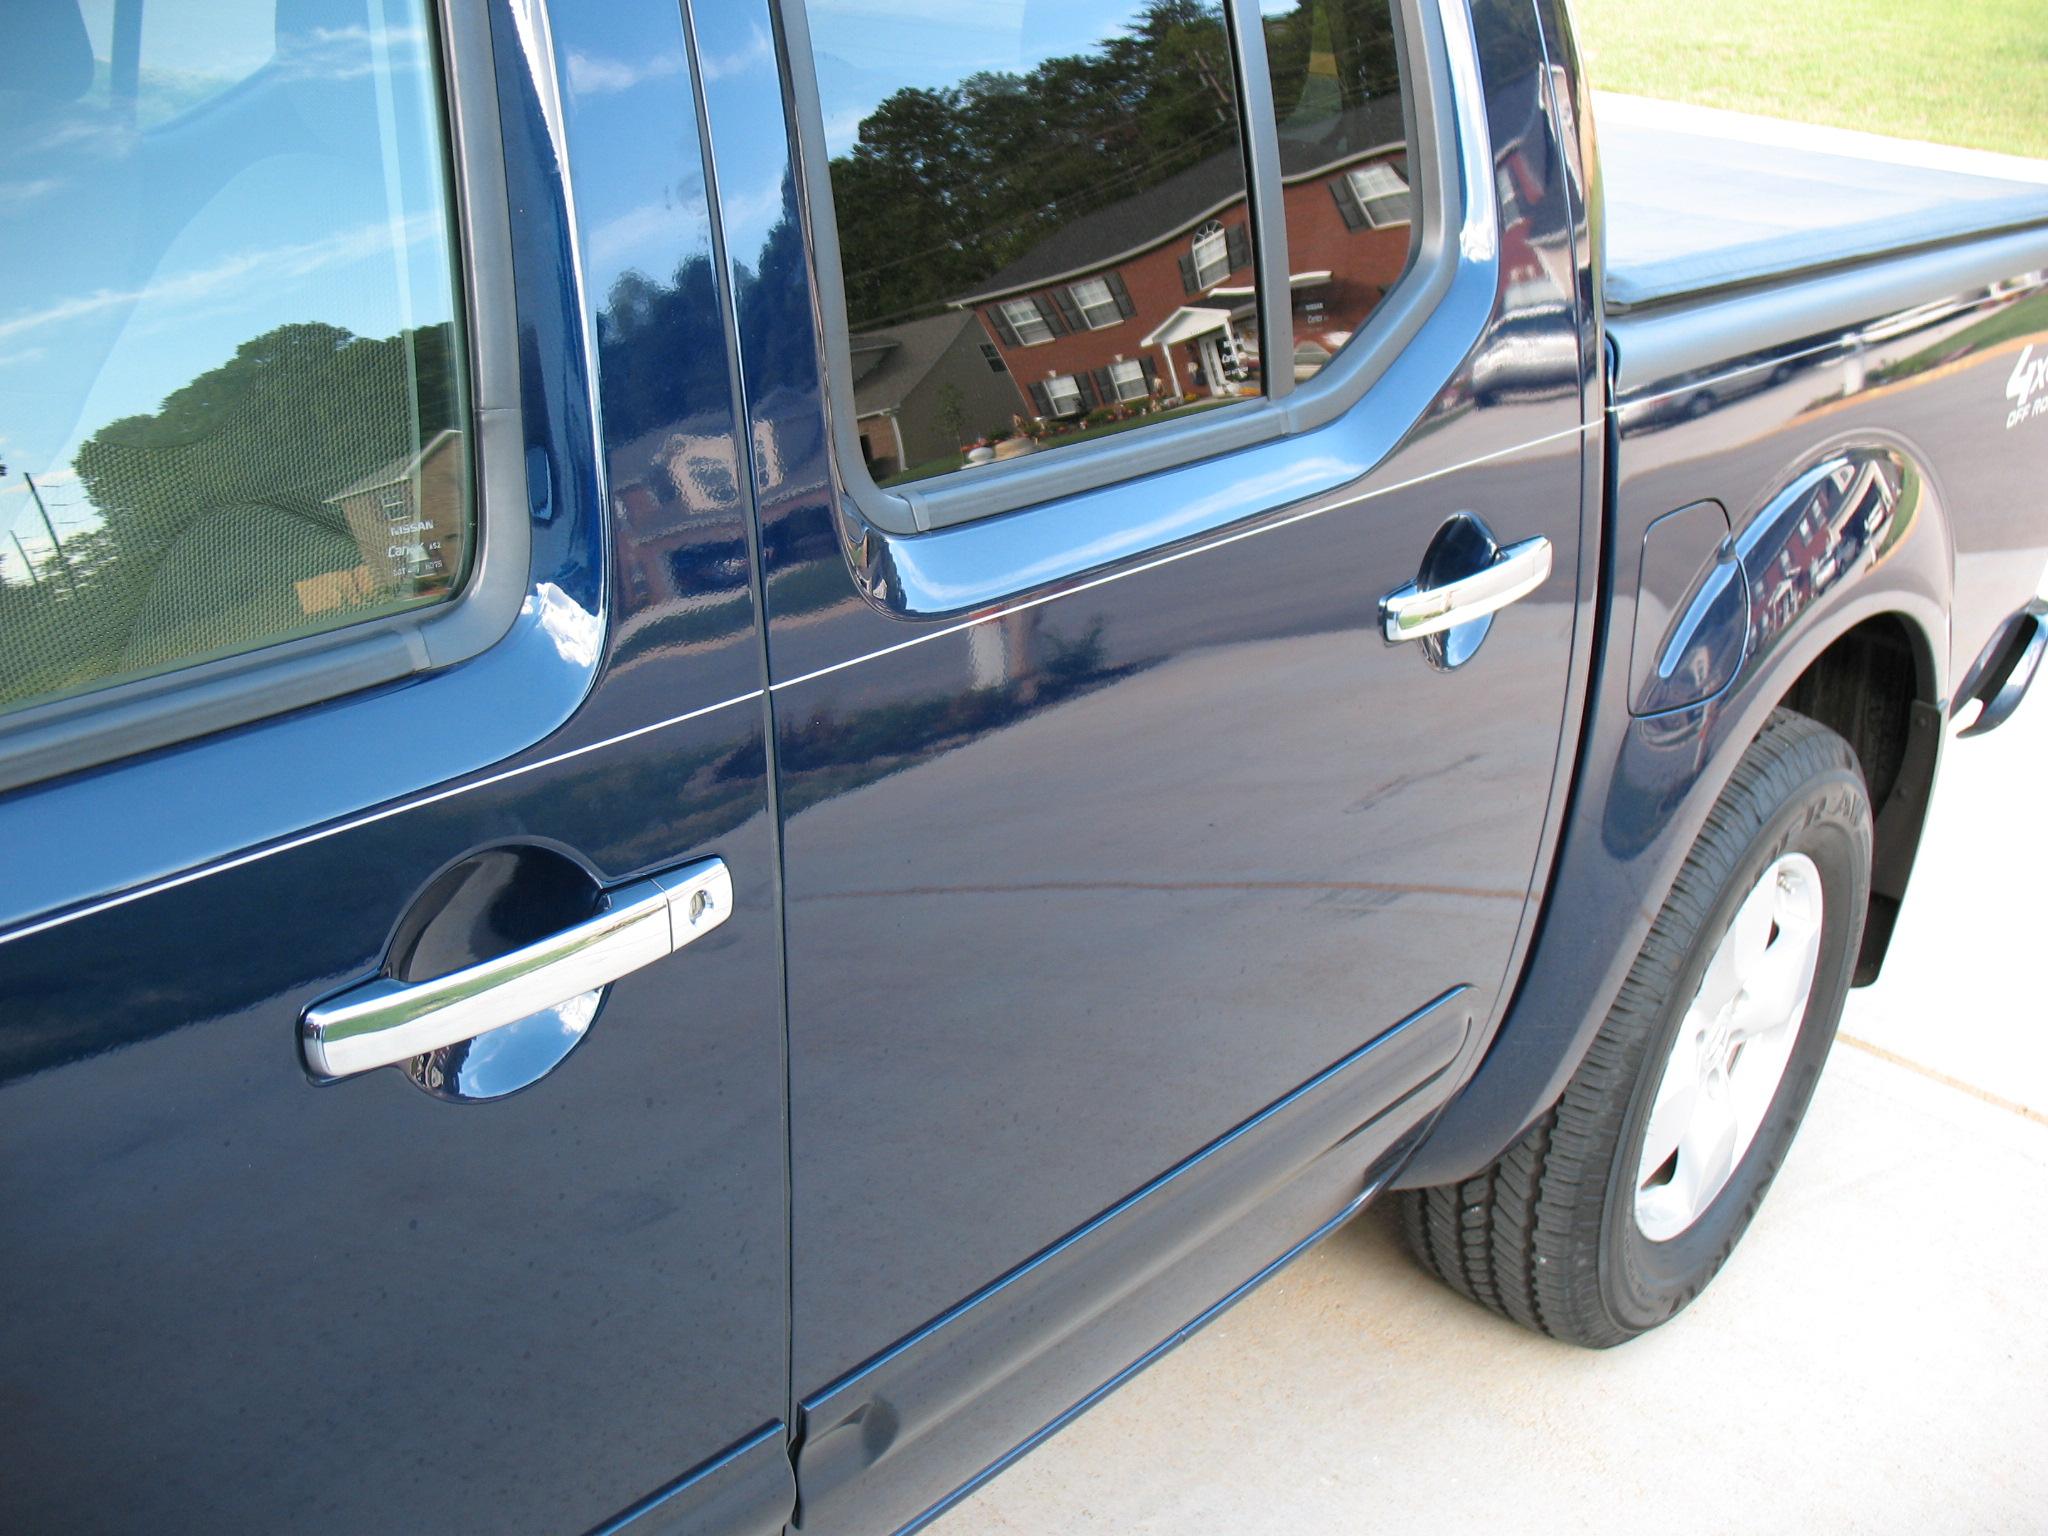 & Chrome Door handles - Nissan Frontier Forum